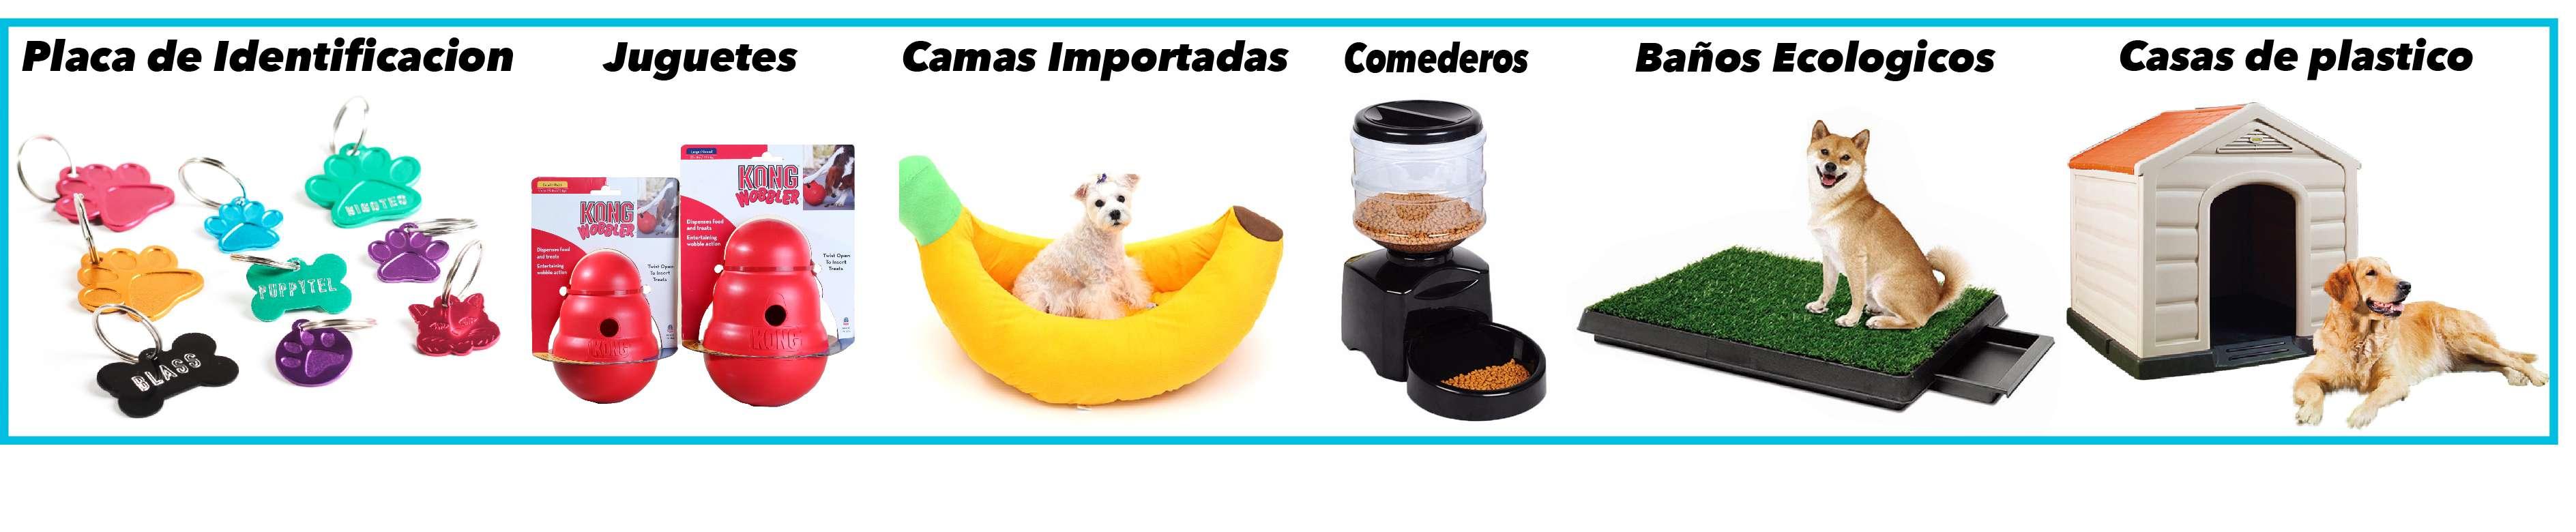 Varios PuppyTel petshop tienda mascotas peru lima delivery regalo baratos juguetes accesorios vitaminas camas casas placas de identificacion ban~o ecologico perros gatos